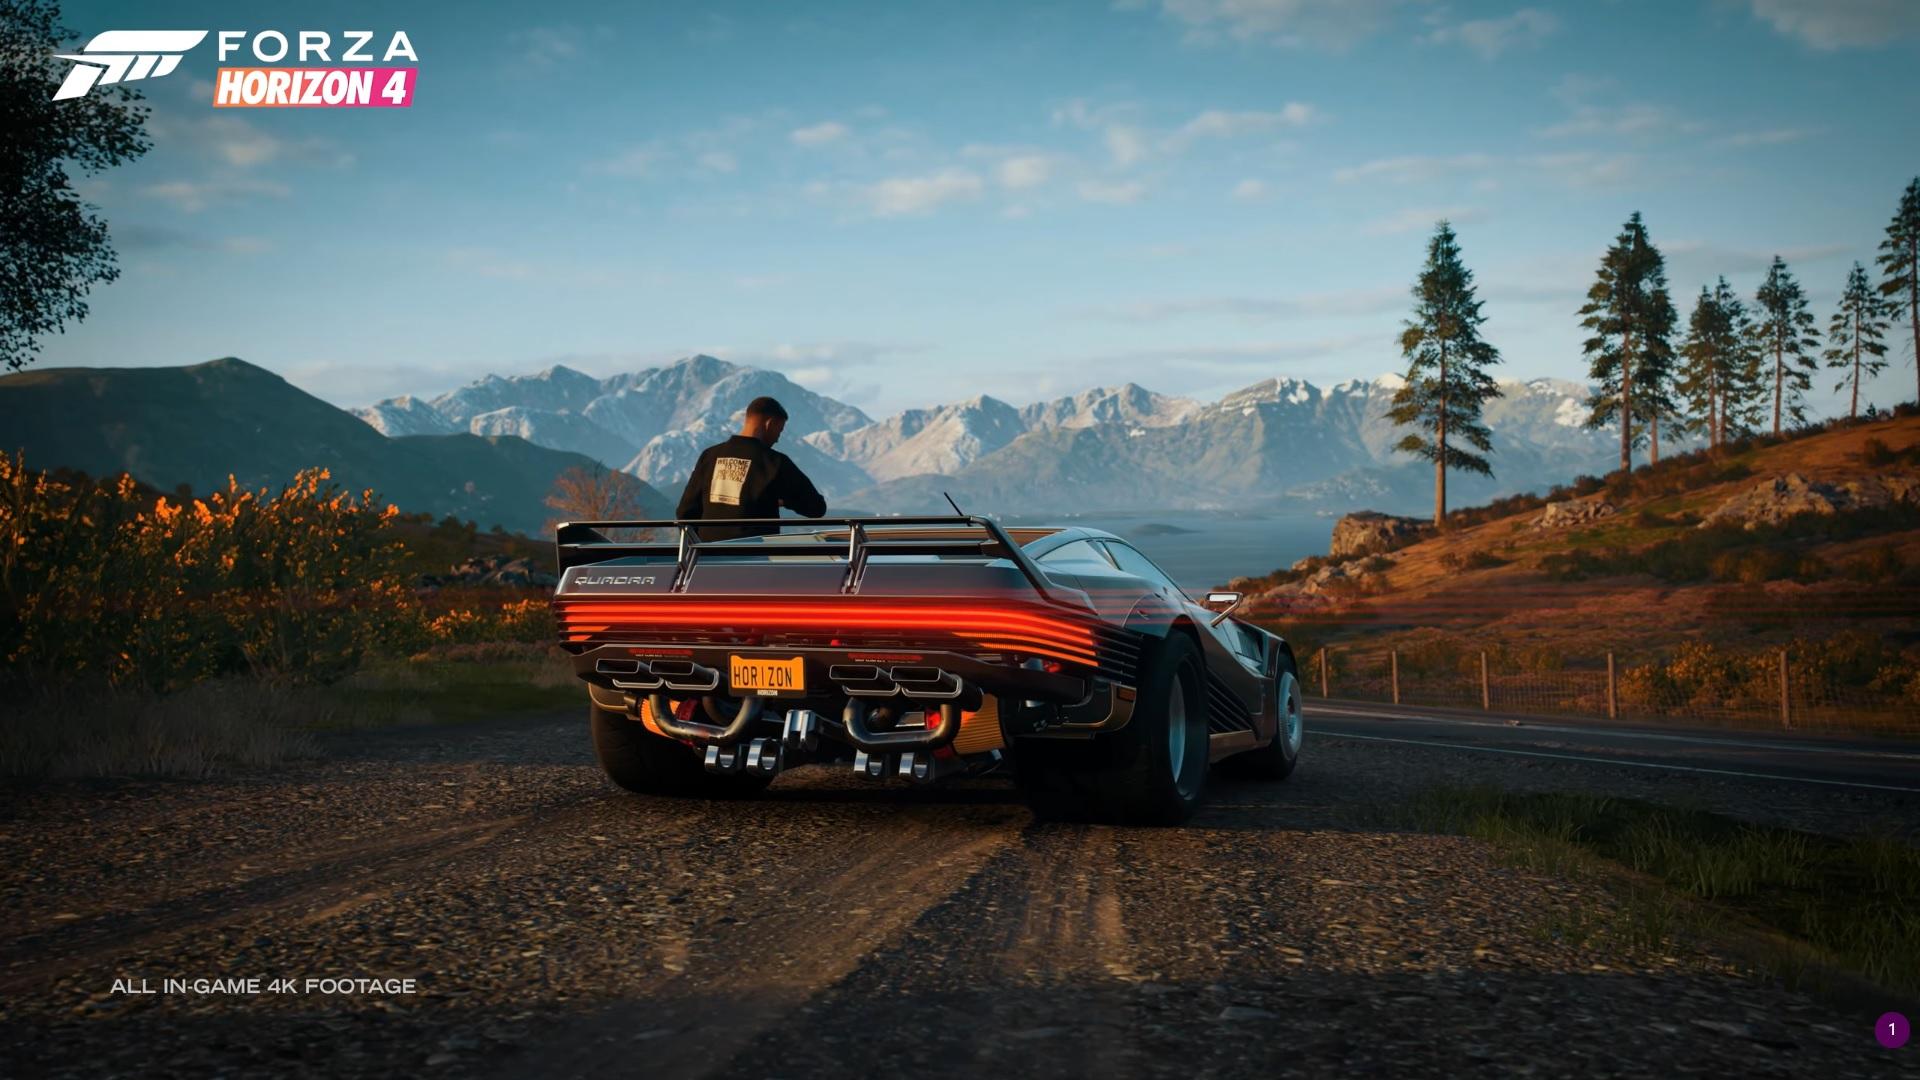 Zajezděte si v autě ze Cyberpunku 2077 ve Forza Horizon 4 Forza CP